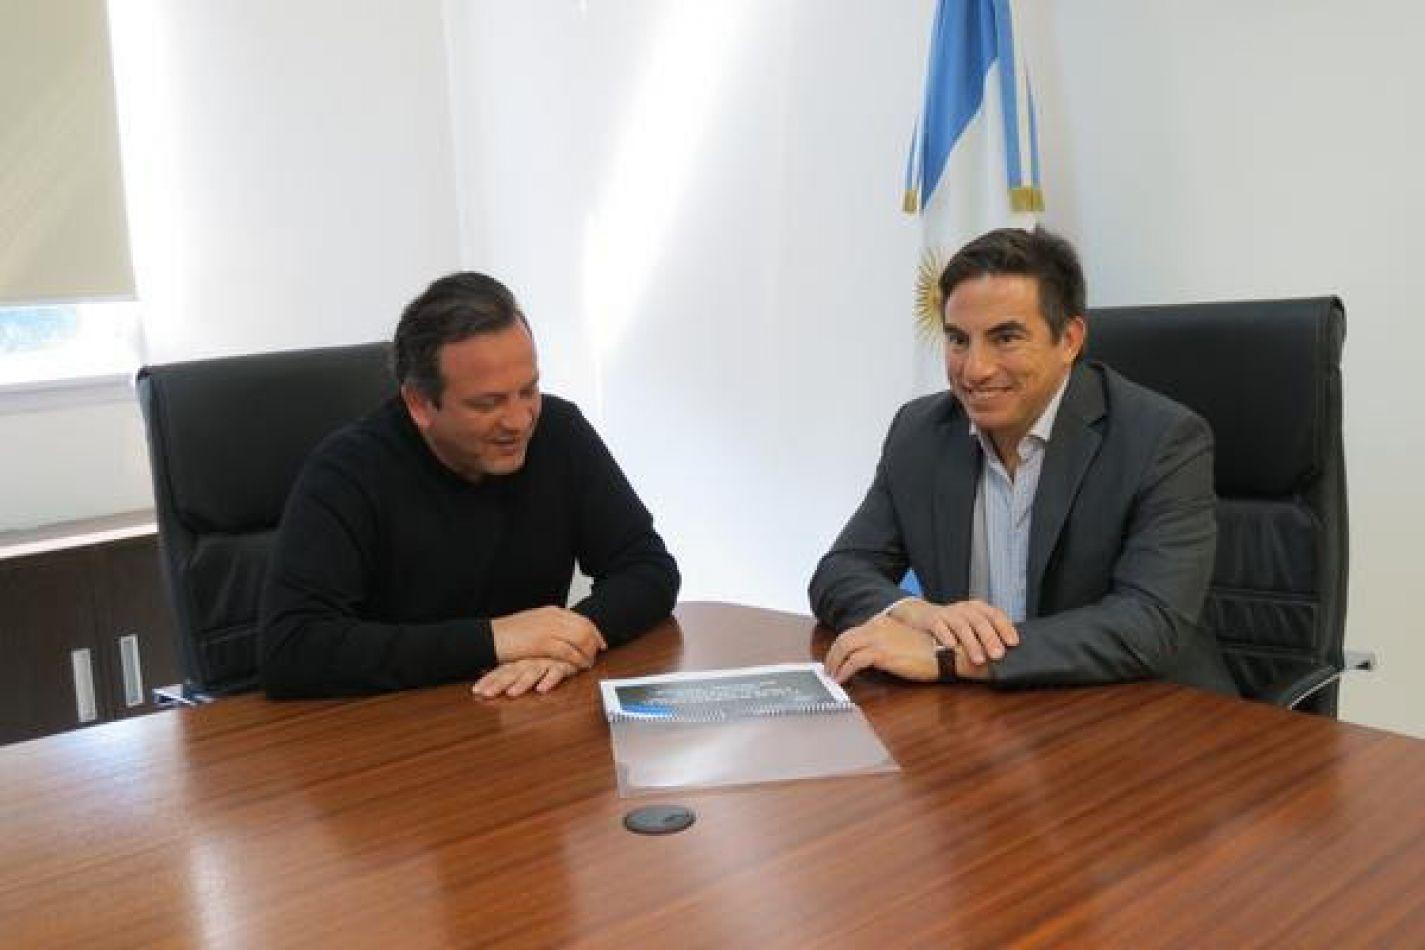 El secretario de Estado de Seguridad Javier Eposto y el director Nacional de la Policía de Seguridad Aeroportuaria (PSA)  Alejandro Itzcovich Griot